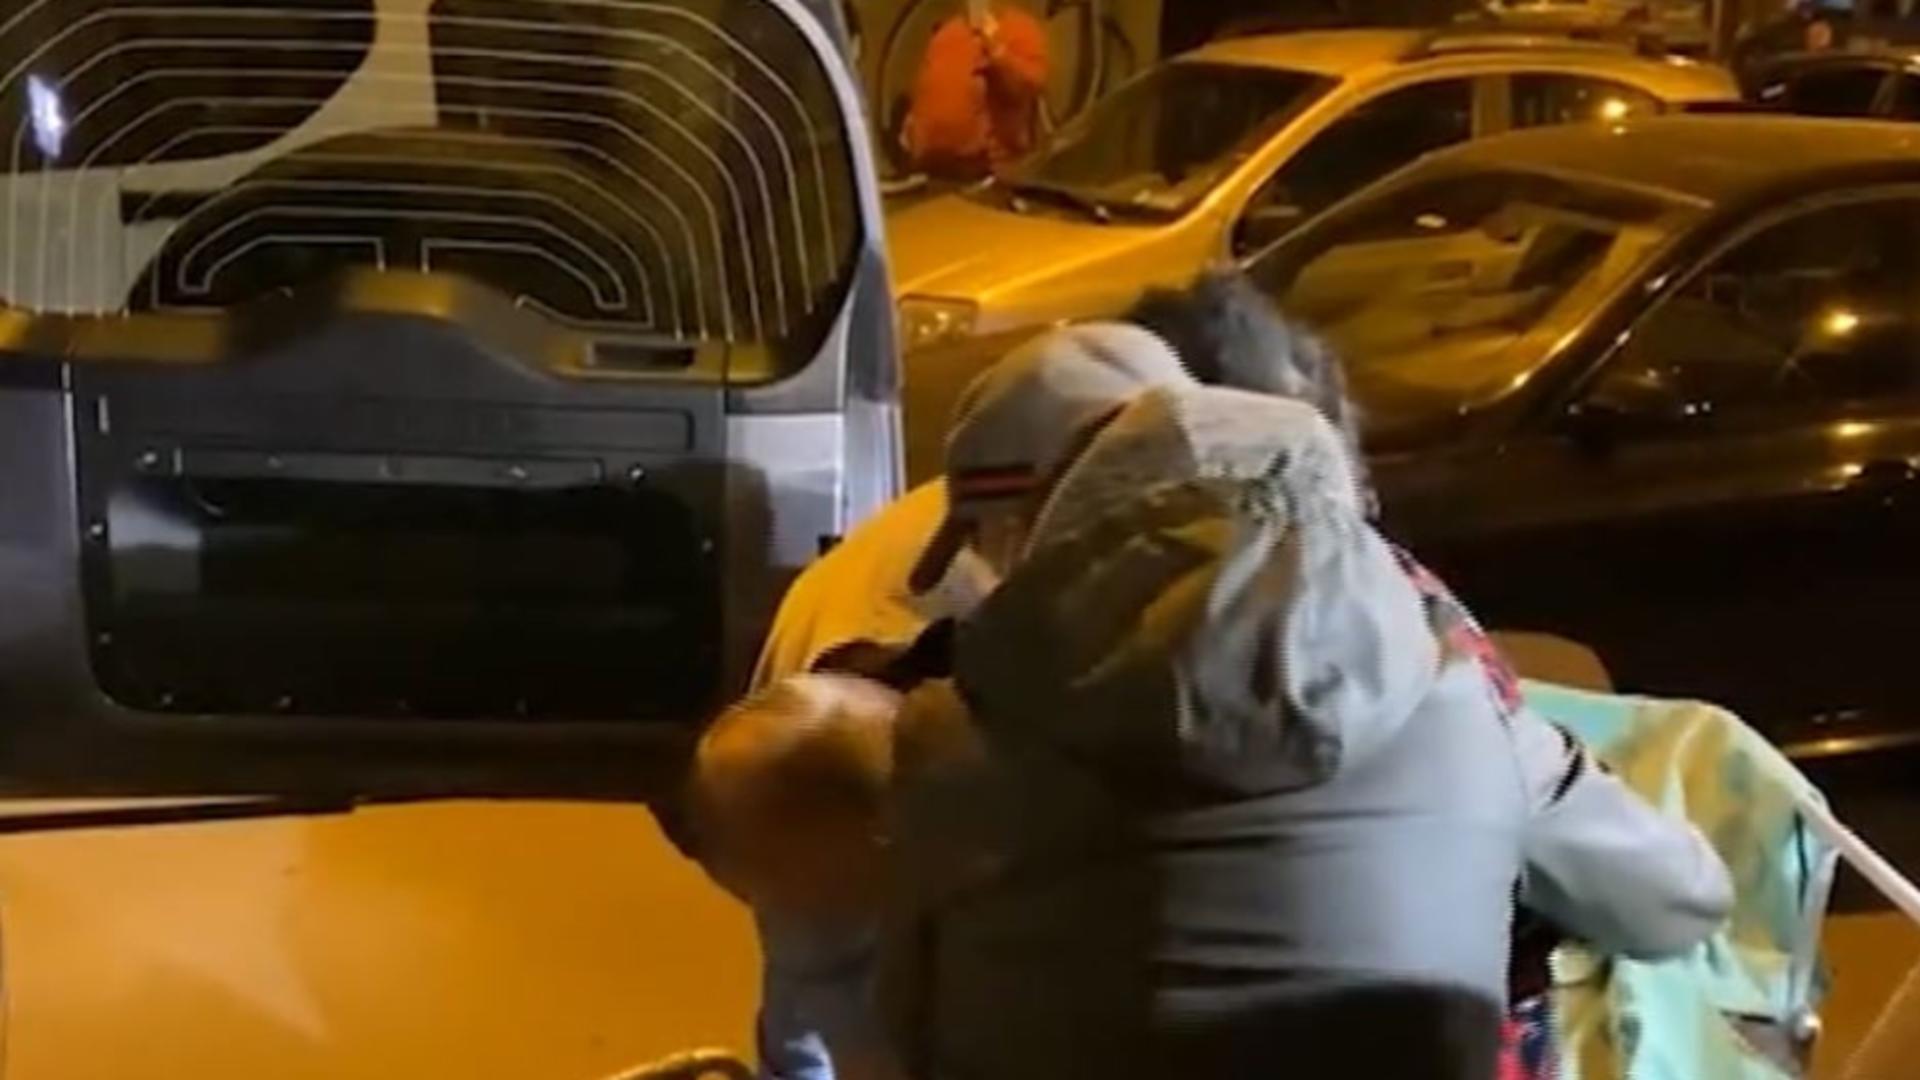 ȘOCANT! Pacientă luată din spital și transportată în portbagajul mașinii! Captură video